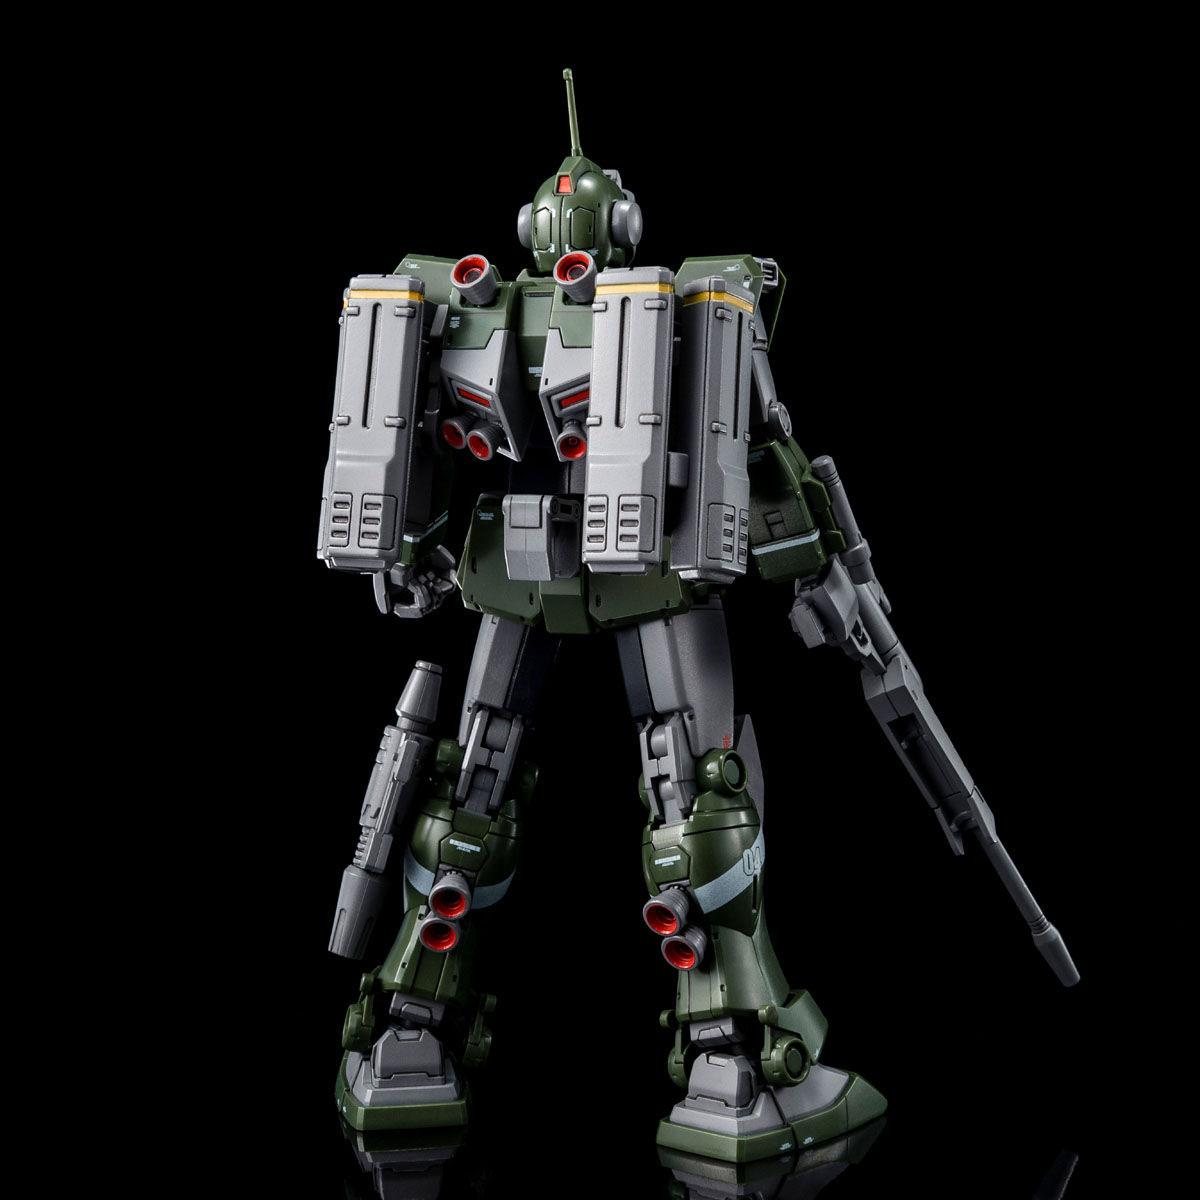 【限定販売】HG 1/144『ジム・スナイパーカスタム(ミサイル・ランチャー装備)』プラモデル-003